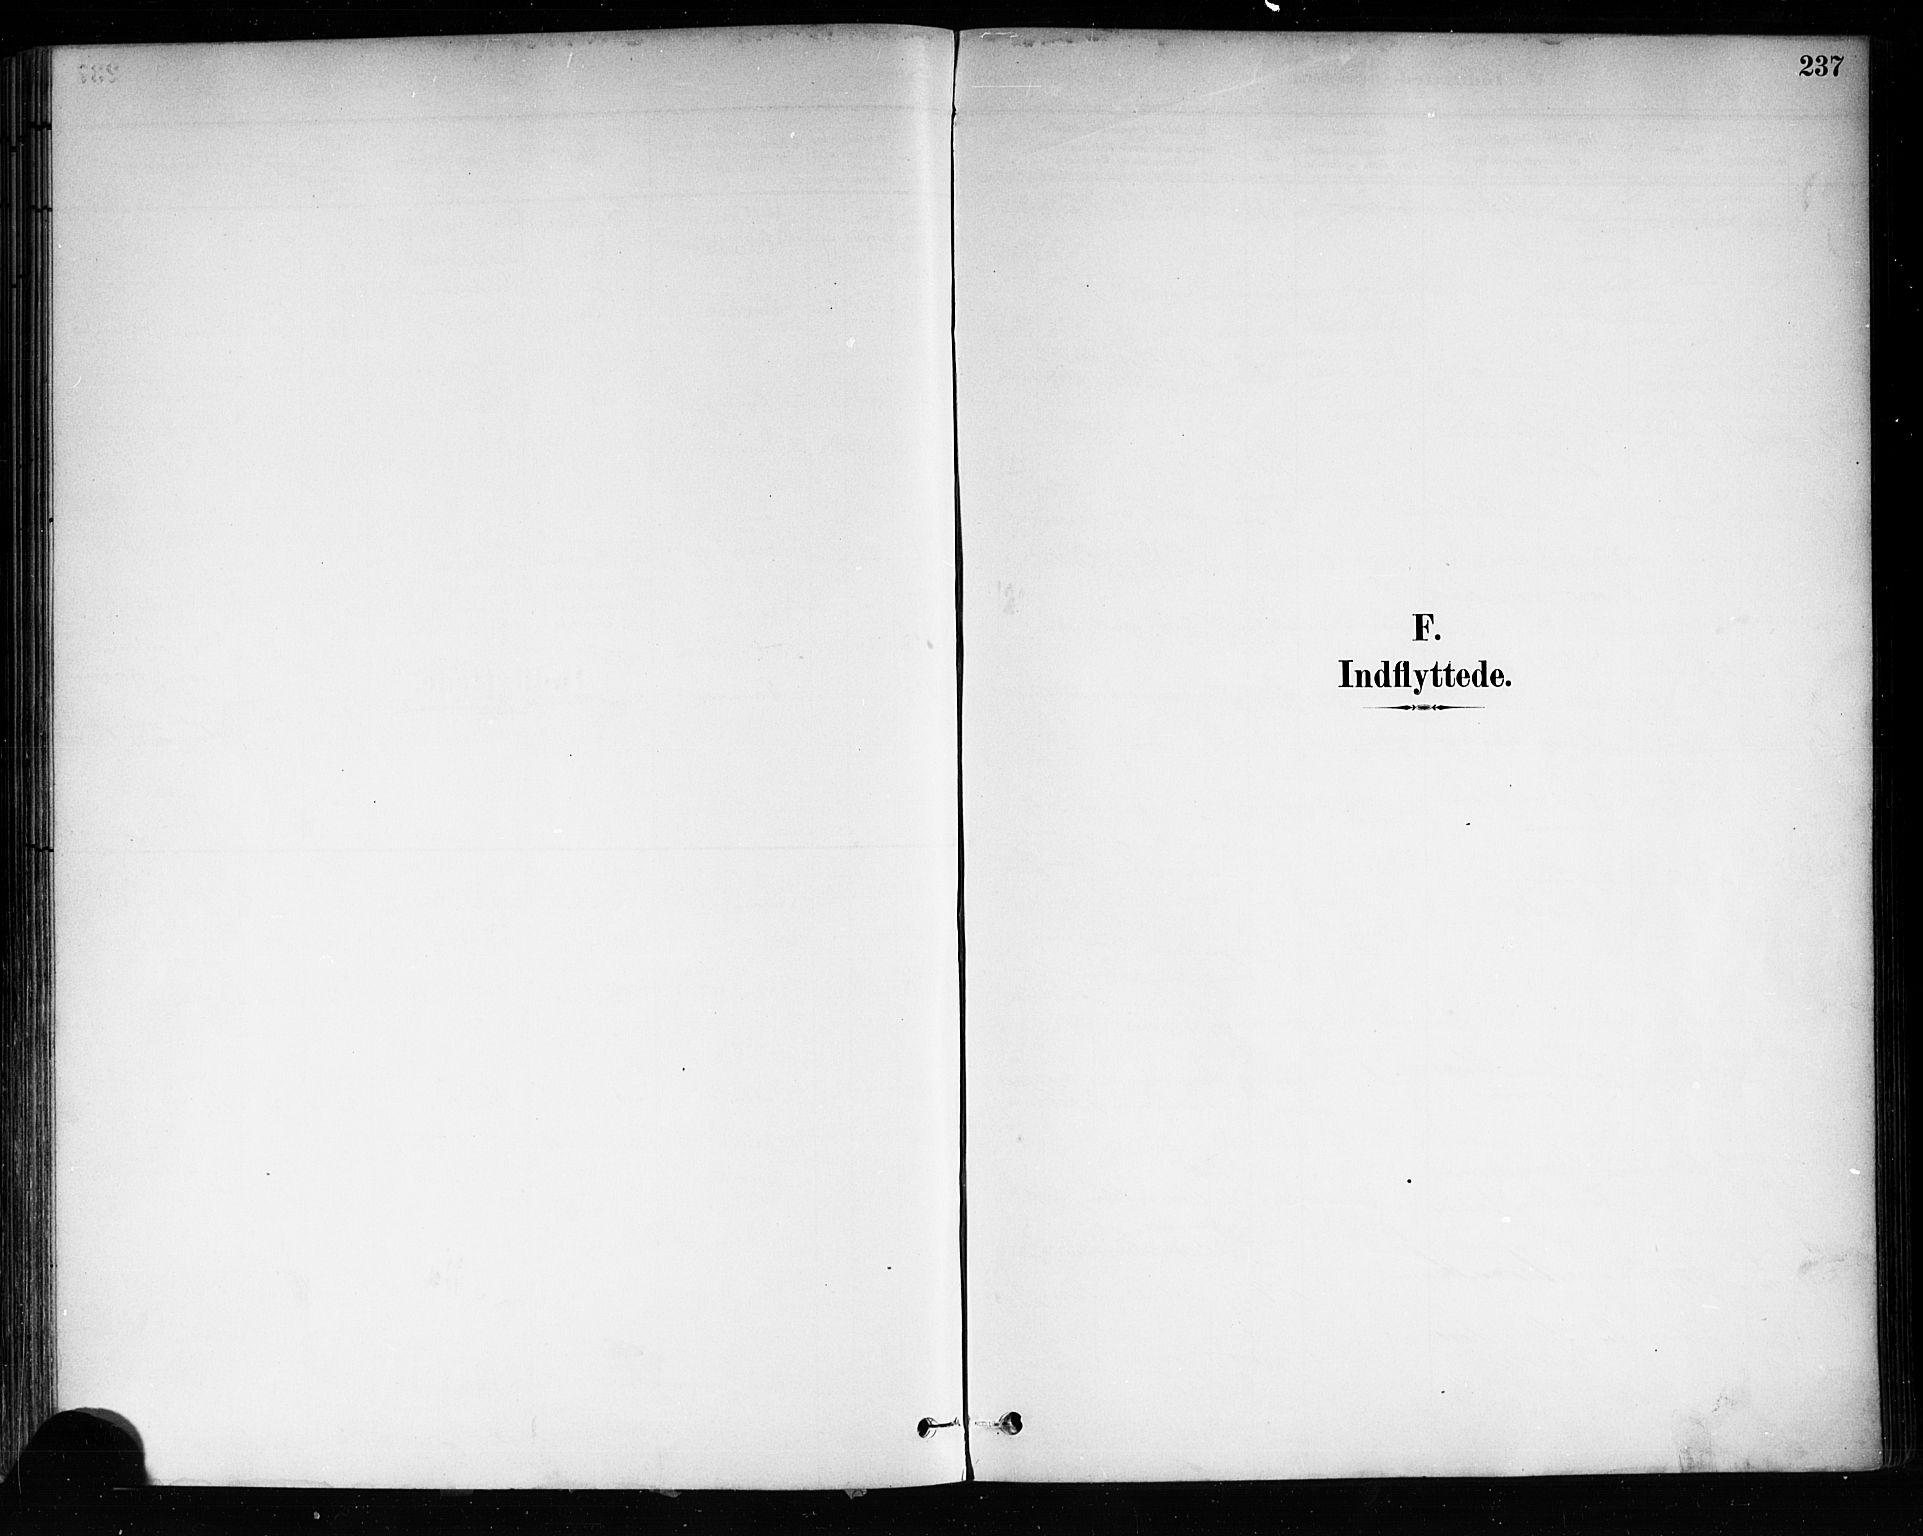 SAKO, Brevik kirkebøker, F/Fa/L0007: Ministerialbok nr. 7, 1882-1900, s. 237